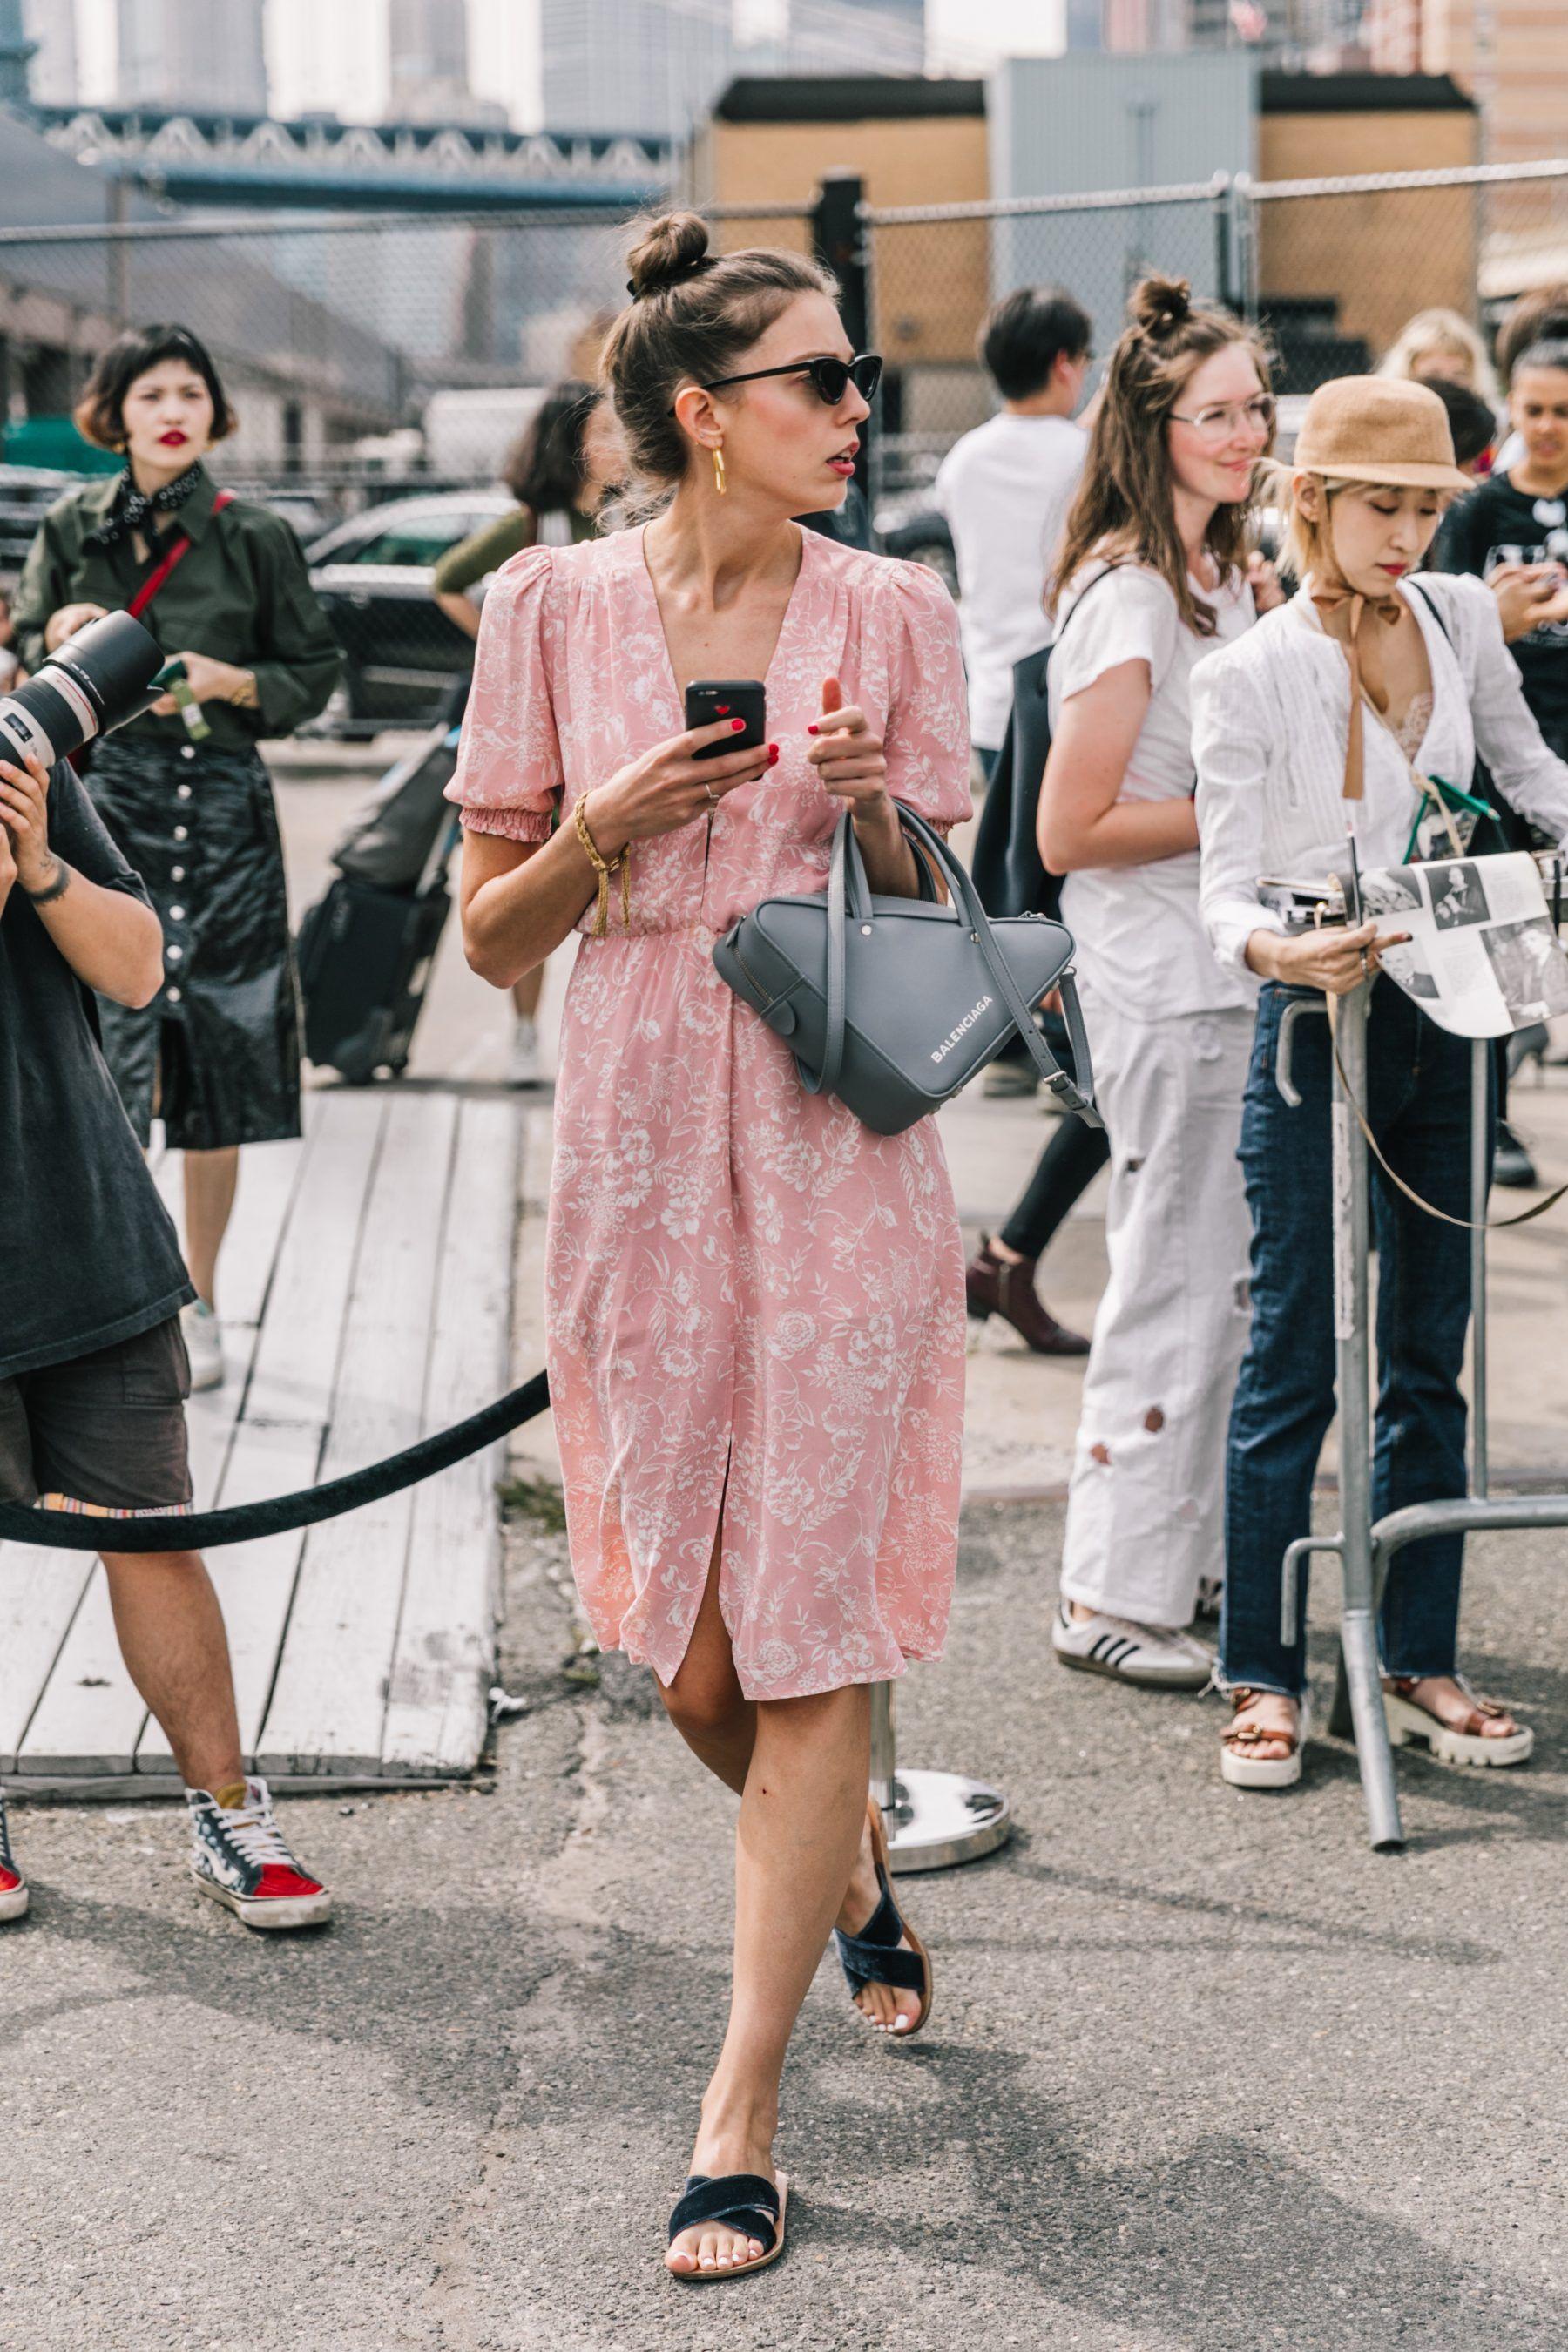 thời trang cung hoàng đạo đầm hồng túi balenciaga